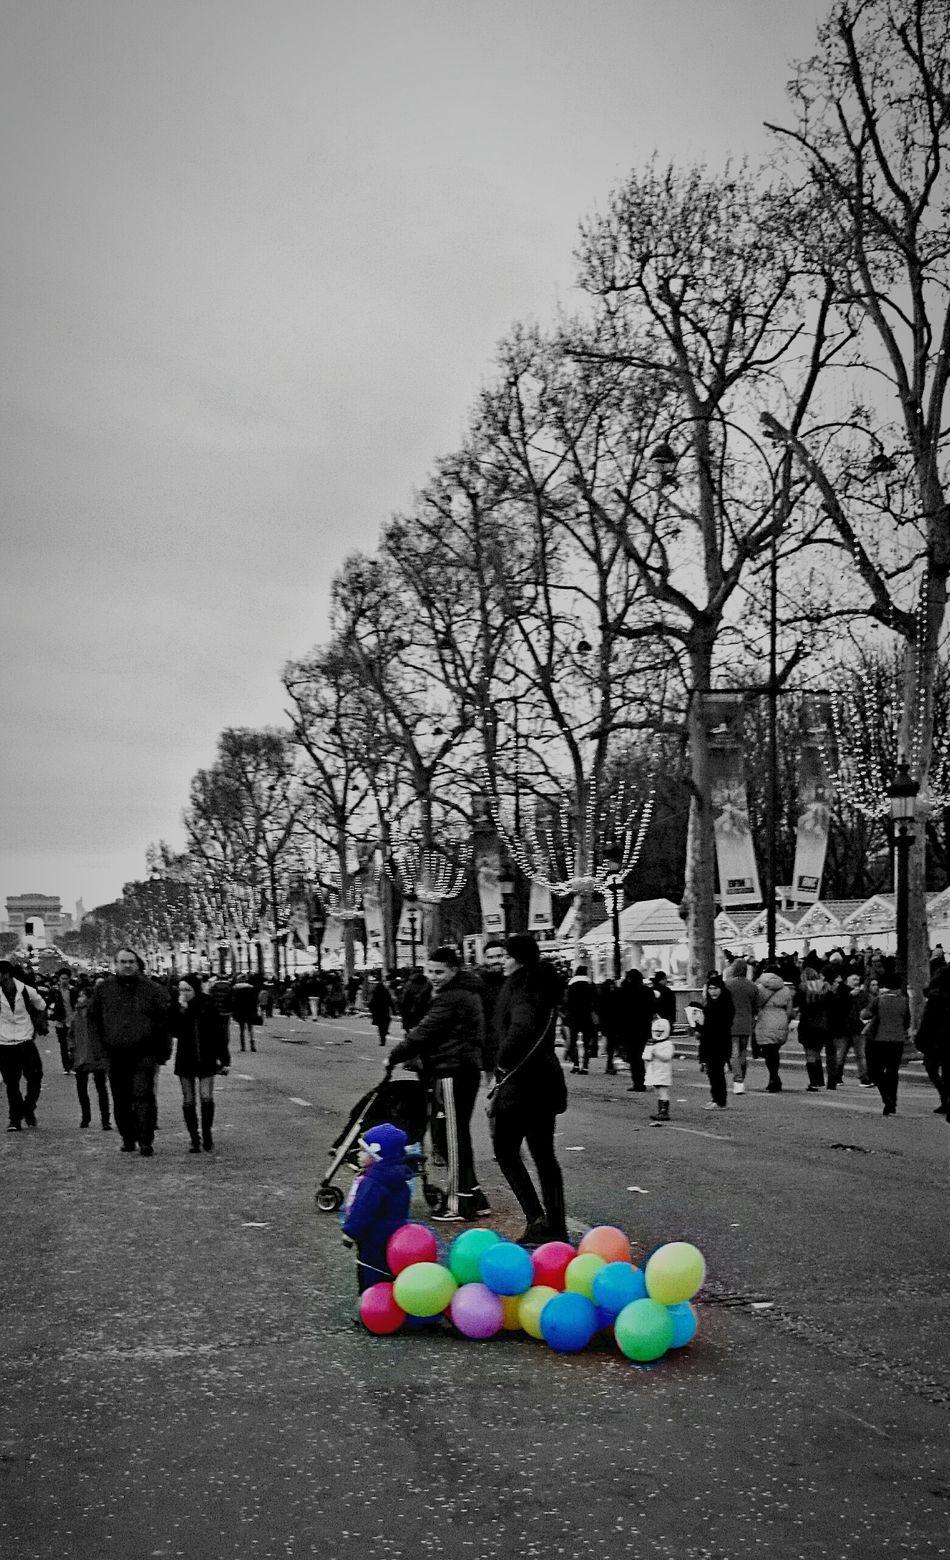 Paris Le Petit Garçon Aux Ballons Happy New Year! Telling Stories Differently Uniqueness